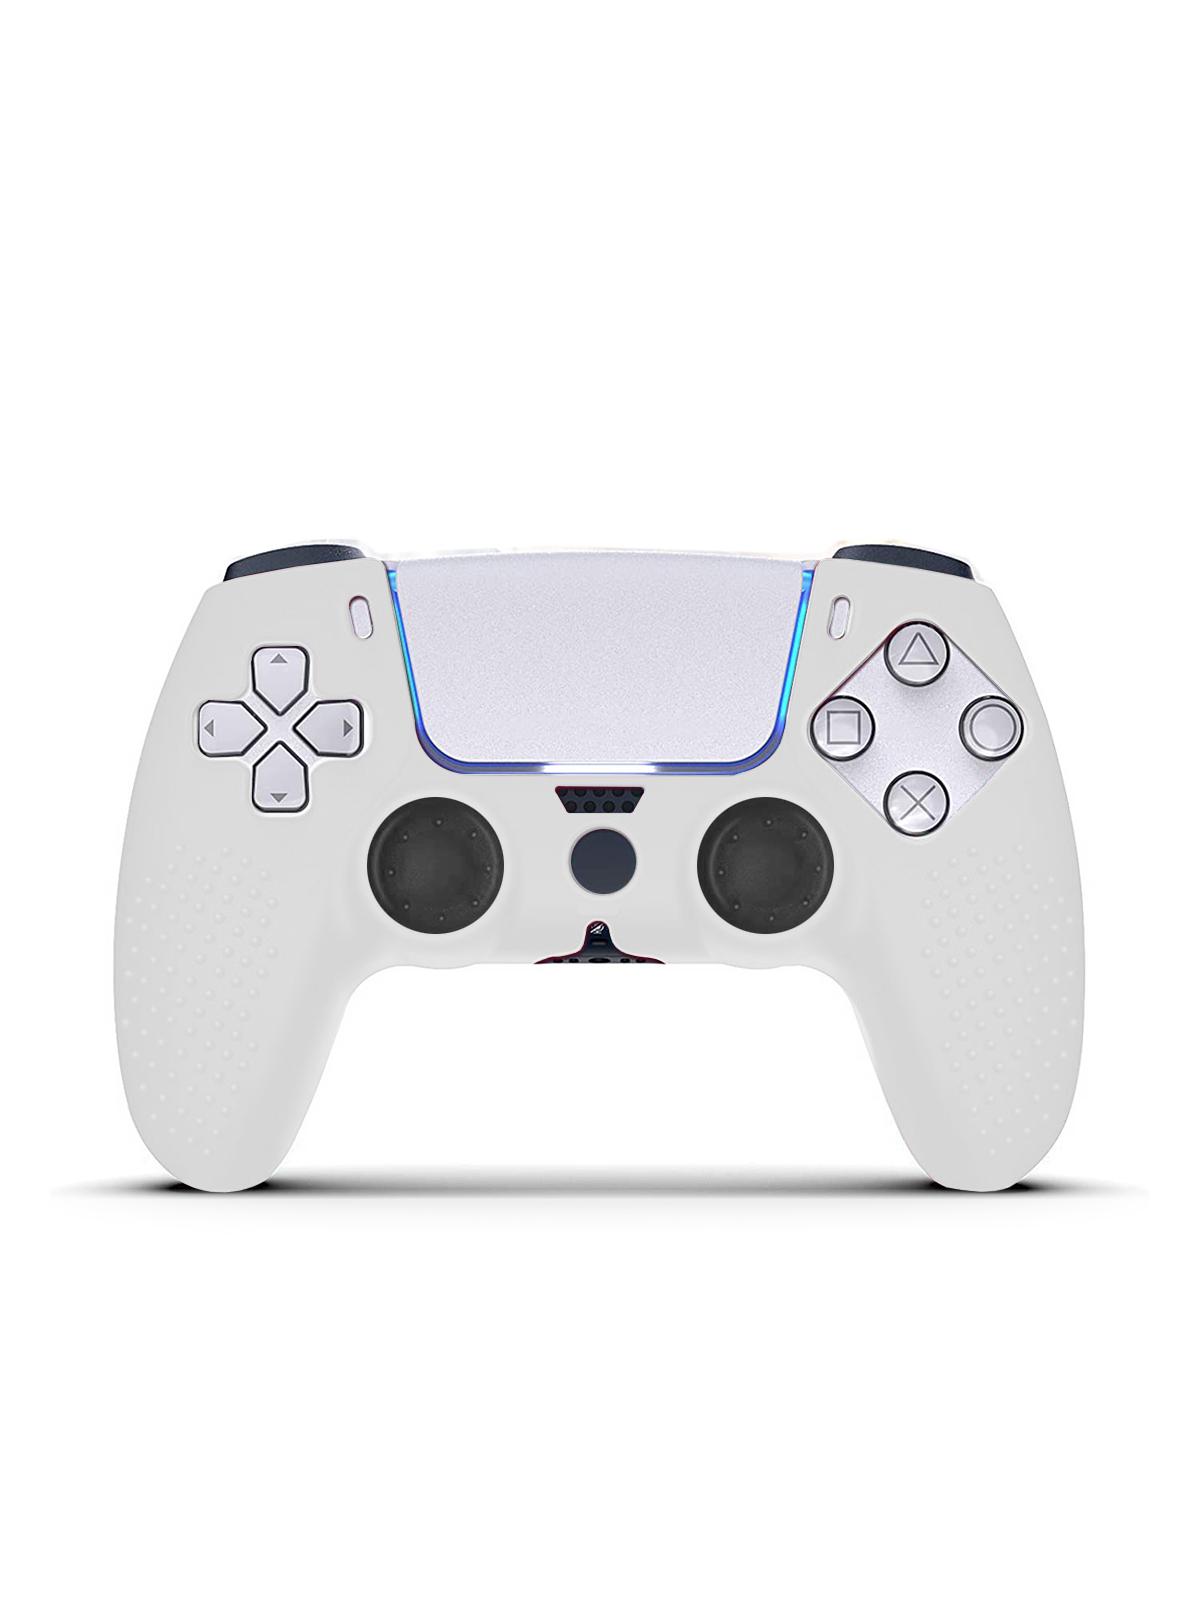 Чехол белый с пупырками для гейпада Dualsense (PS5) купить в Sony Centre